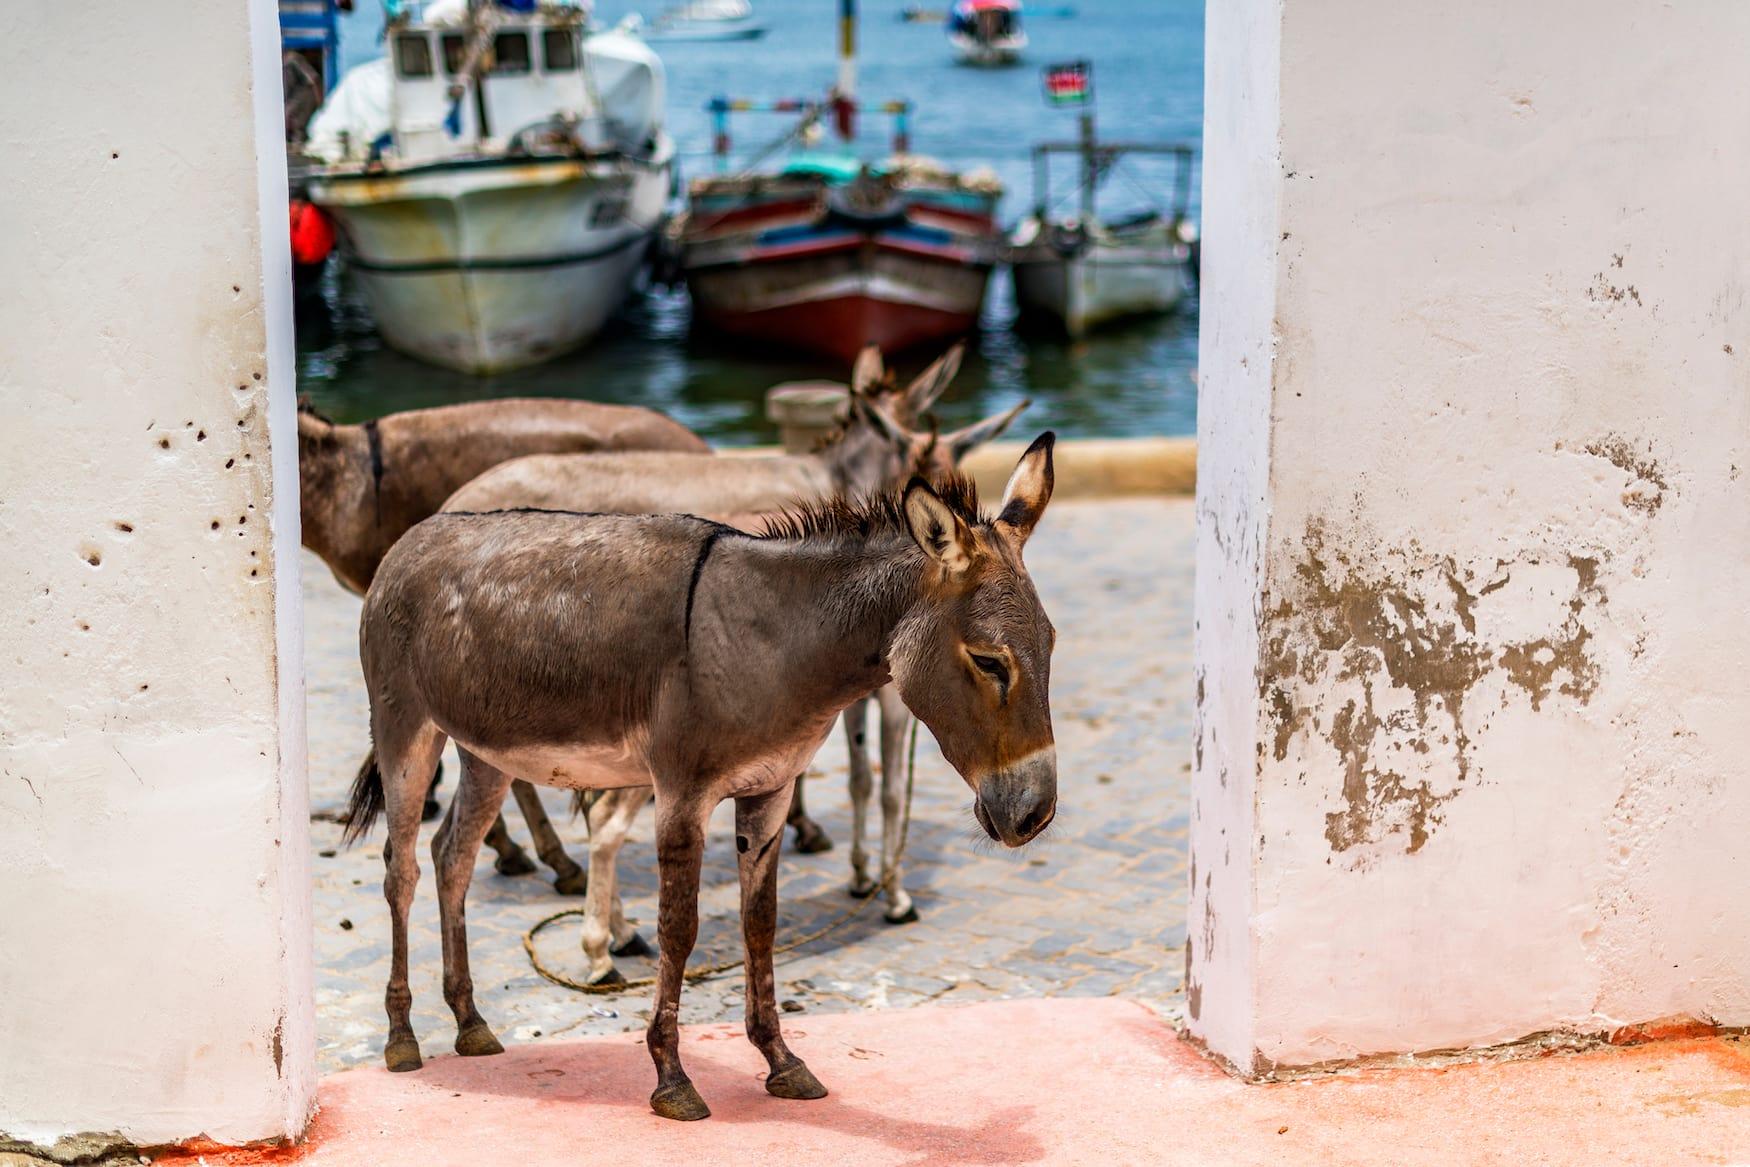 Esel statt Auto heißt es auf der autofreien Lamu Island in Kenia